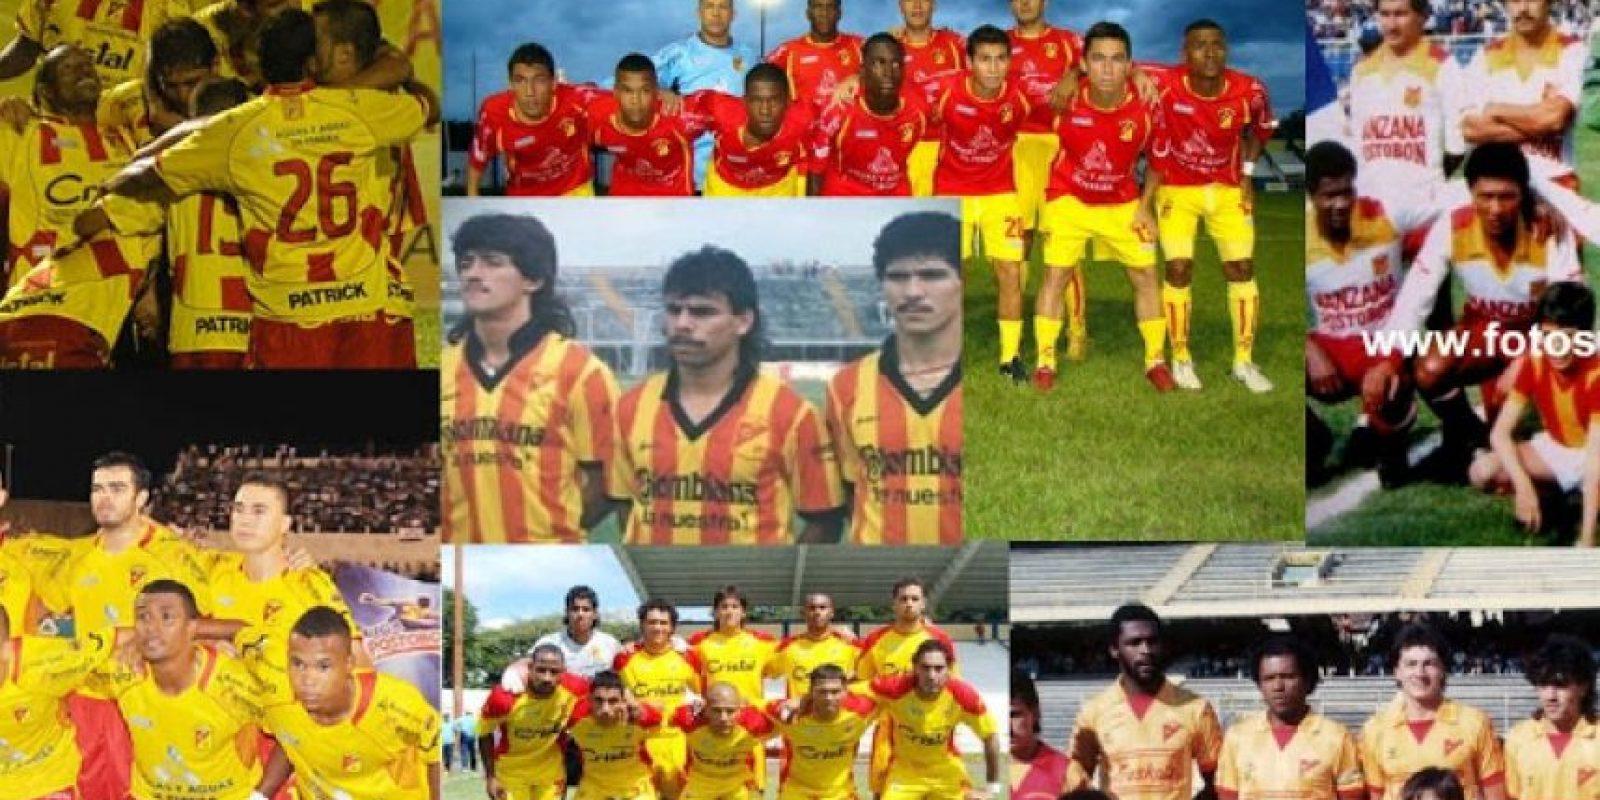 Pereira Foto:monsergadelfutbol.blogspot.com